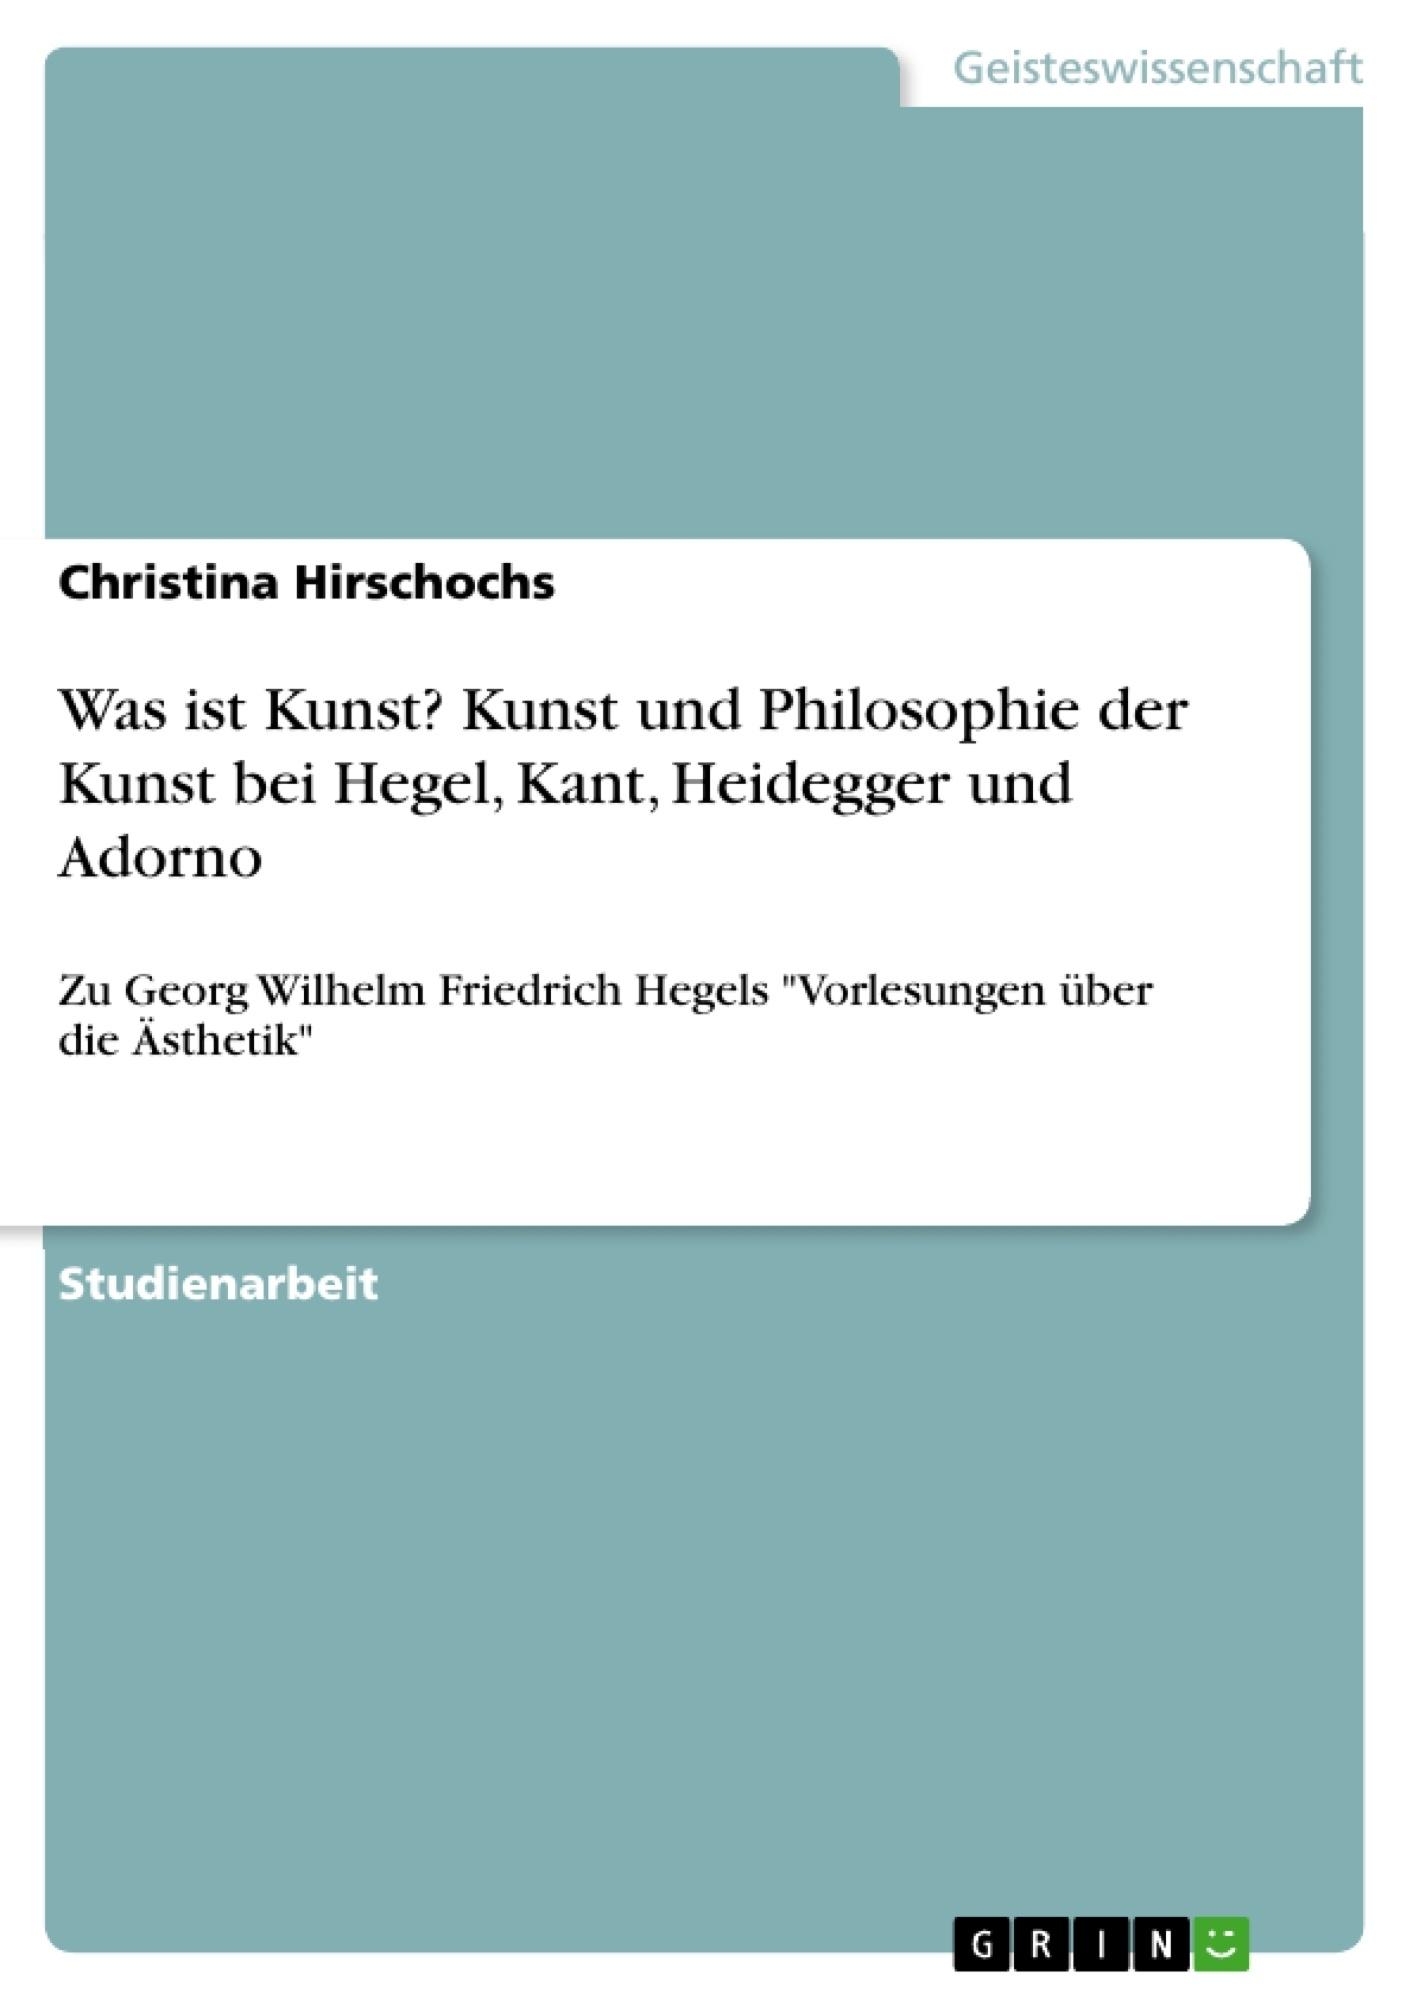 Titel: Was ist Kunst? Kunst und Philosophie der Kunst bei Hegel, Kant, Heidegger und Adorno